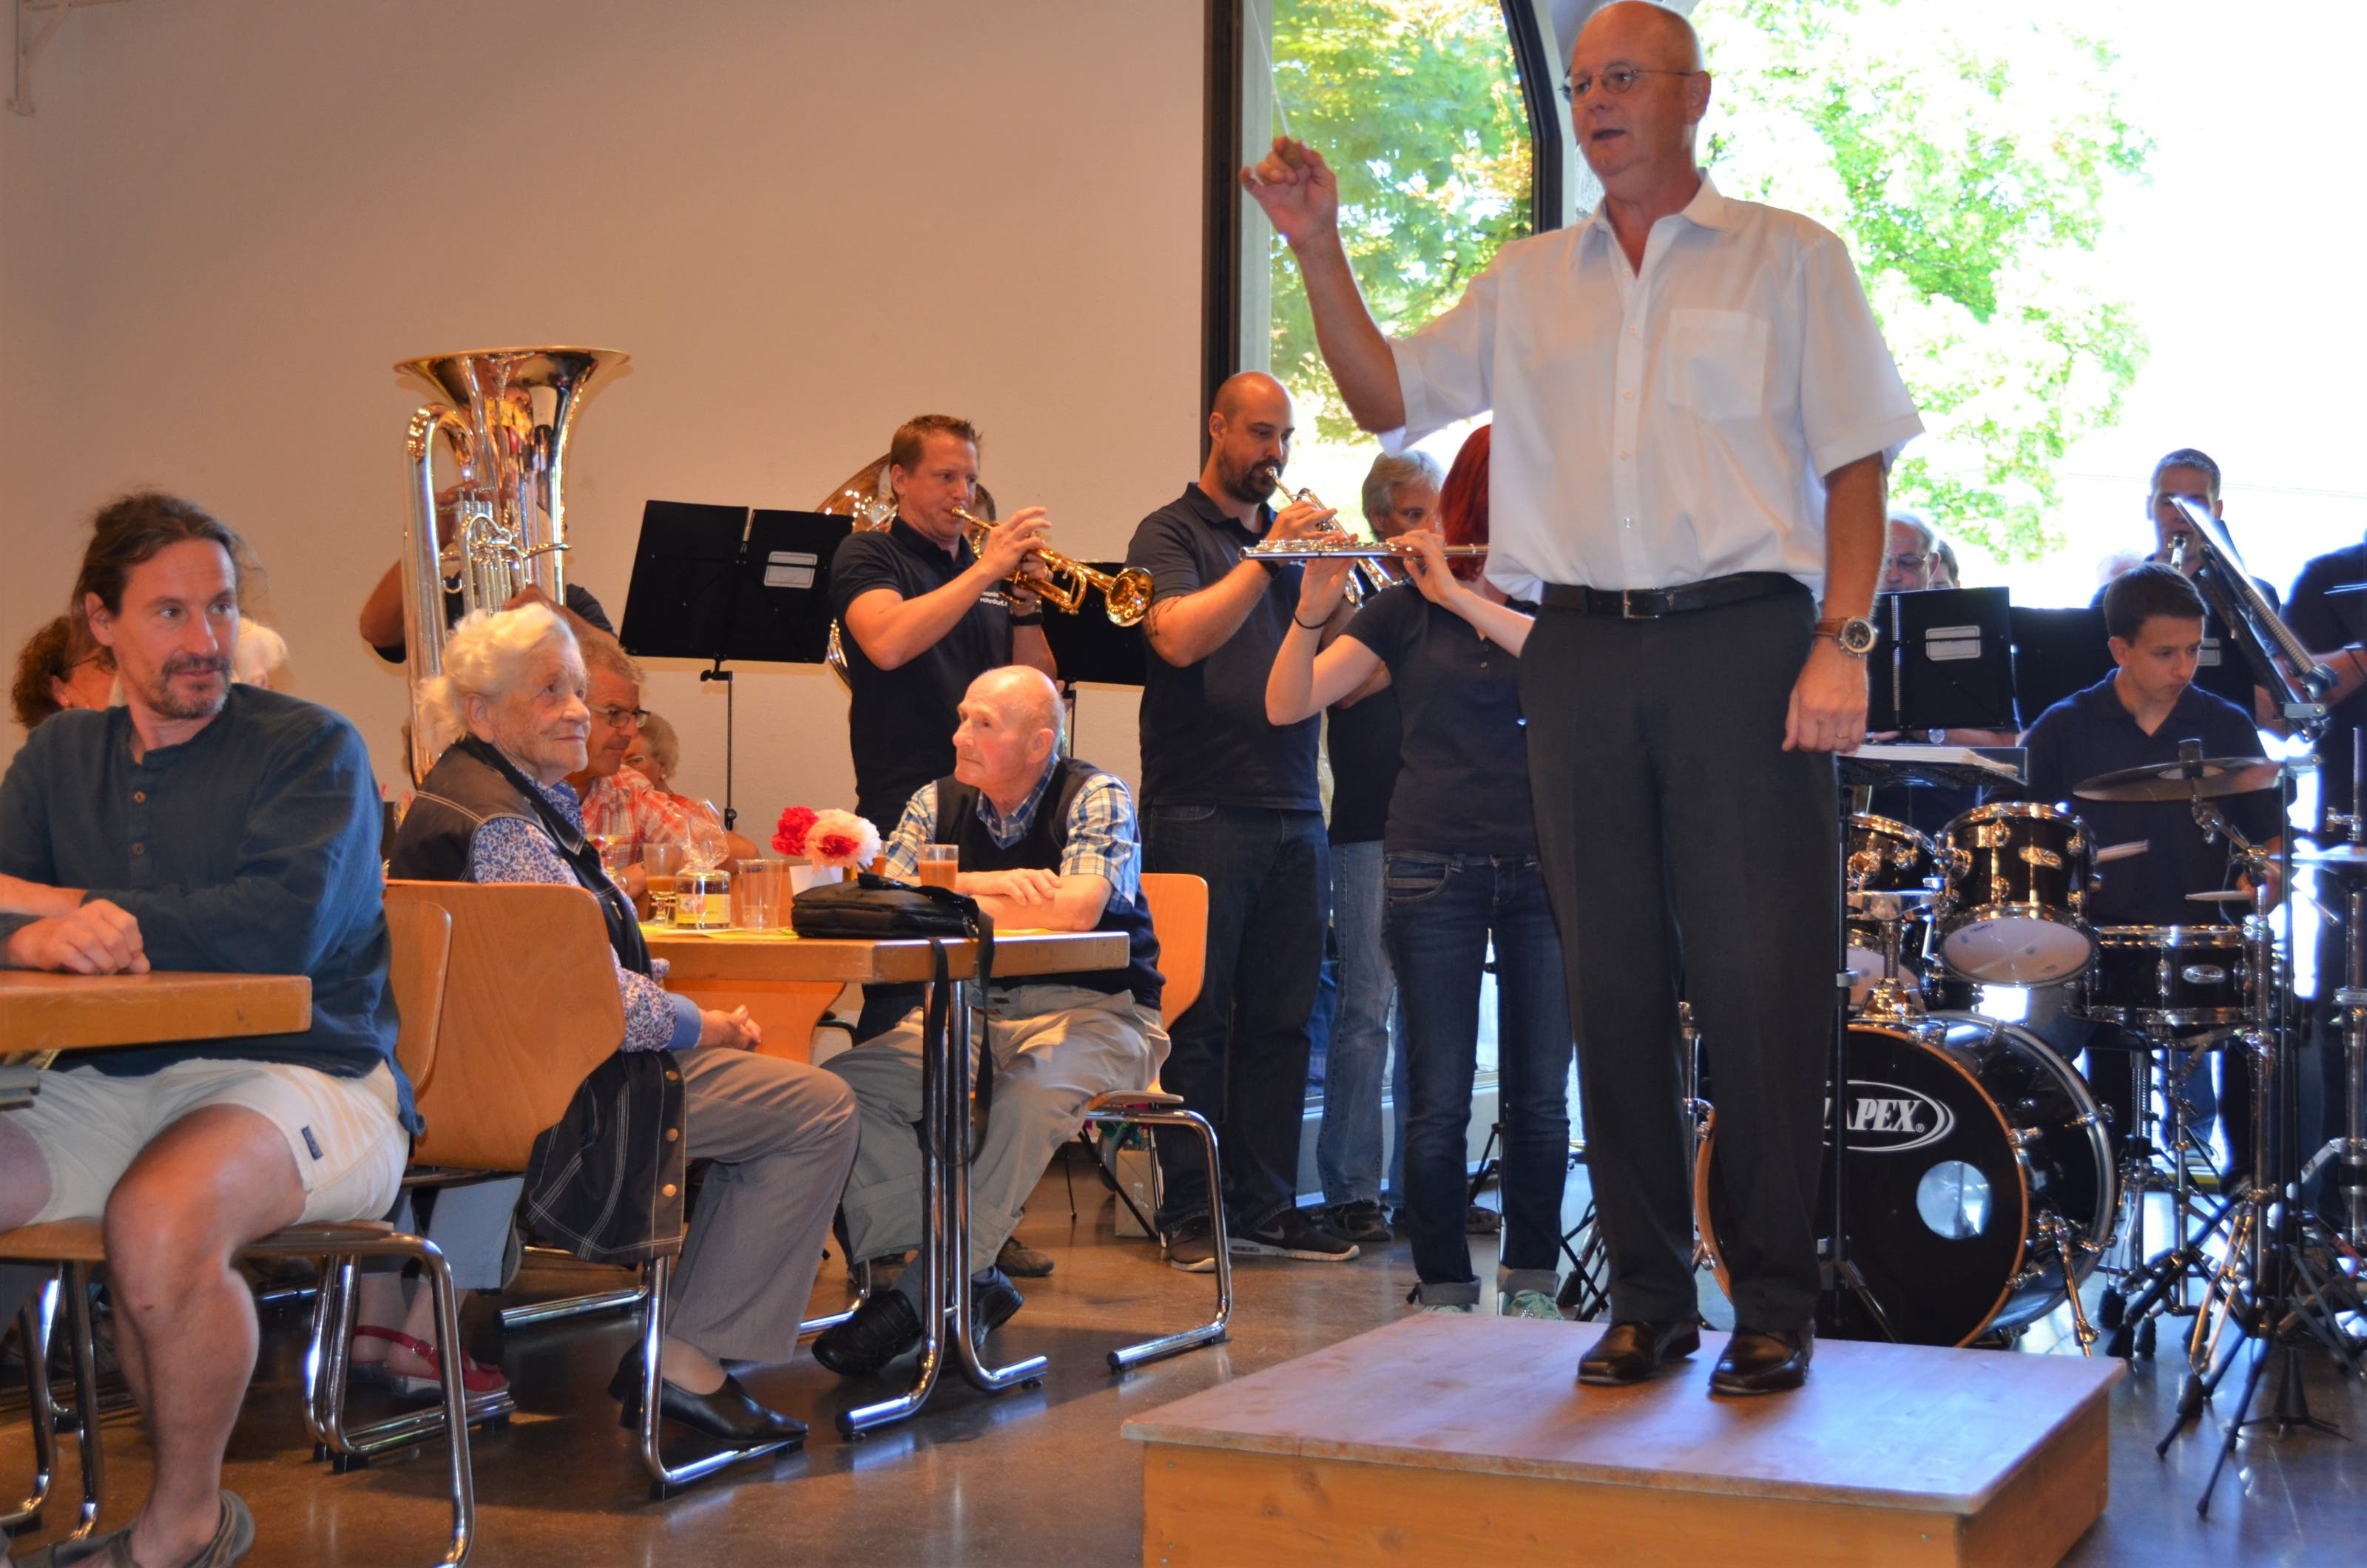 Jubilarenfeier mit Fischessen Harmoniemusik Rohrdorf Jubilarenfeier mit Fischessen Harmoniemusik Rohrdorf in der Zähnteschüür in Oberrohrdorf. Dirigent Roland Zaugg.